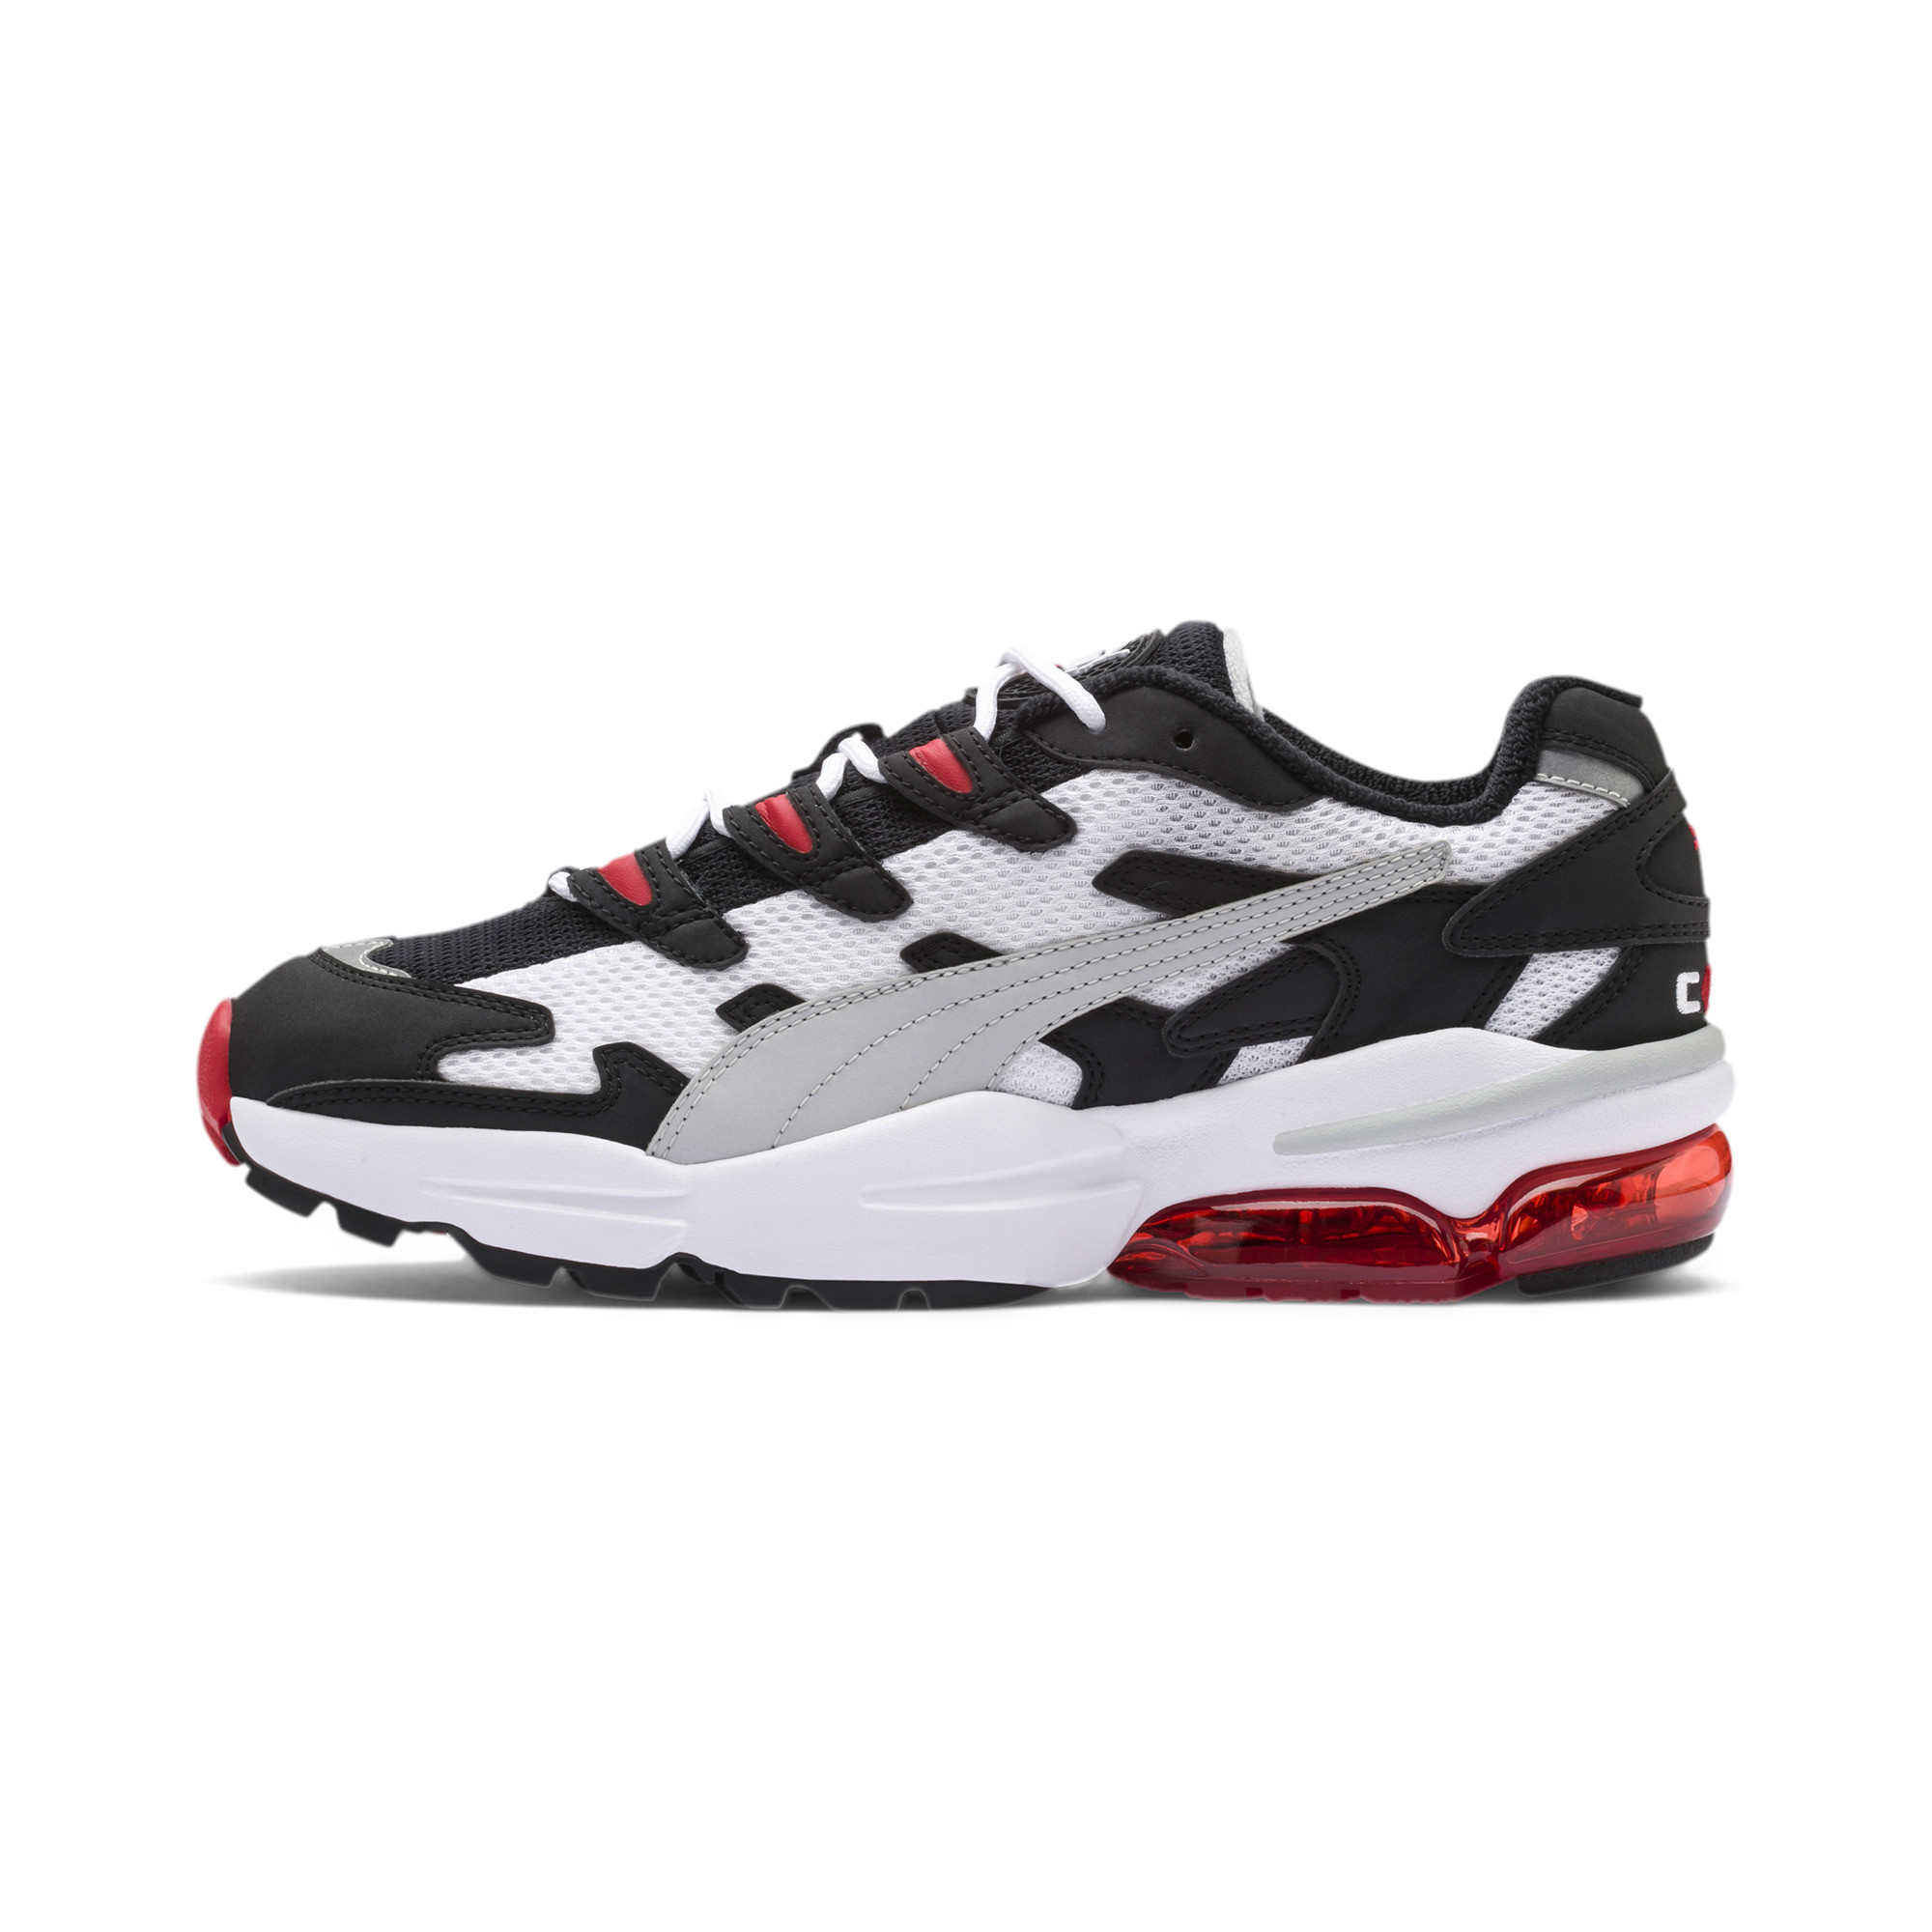 a608001c6 Мужская спортивная обувь - купите в официальном интернет-магазине PUMA